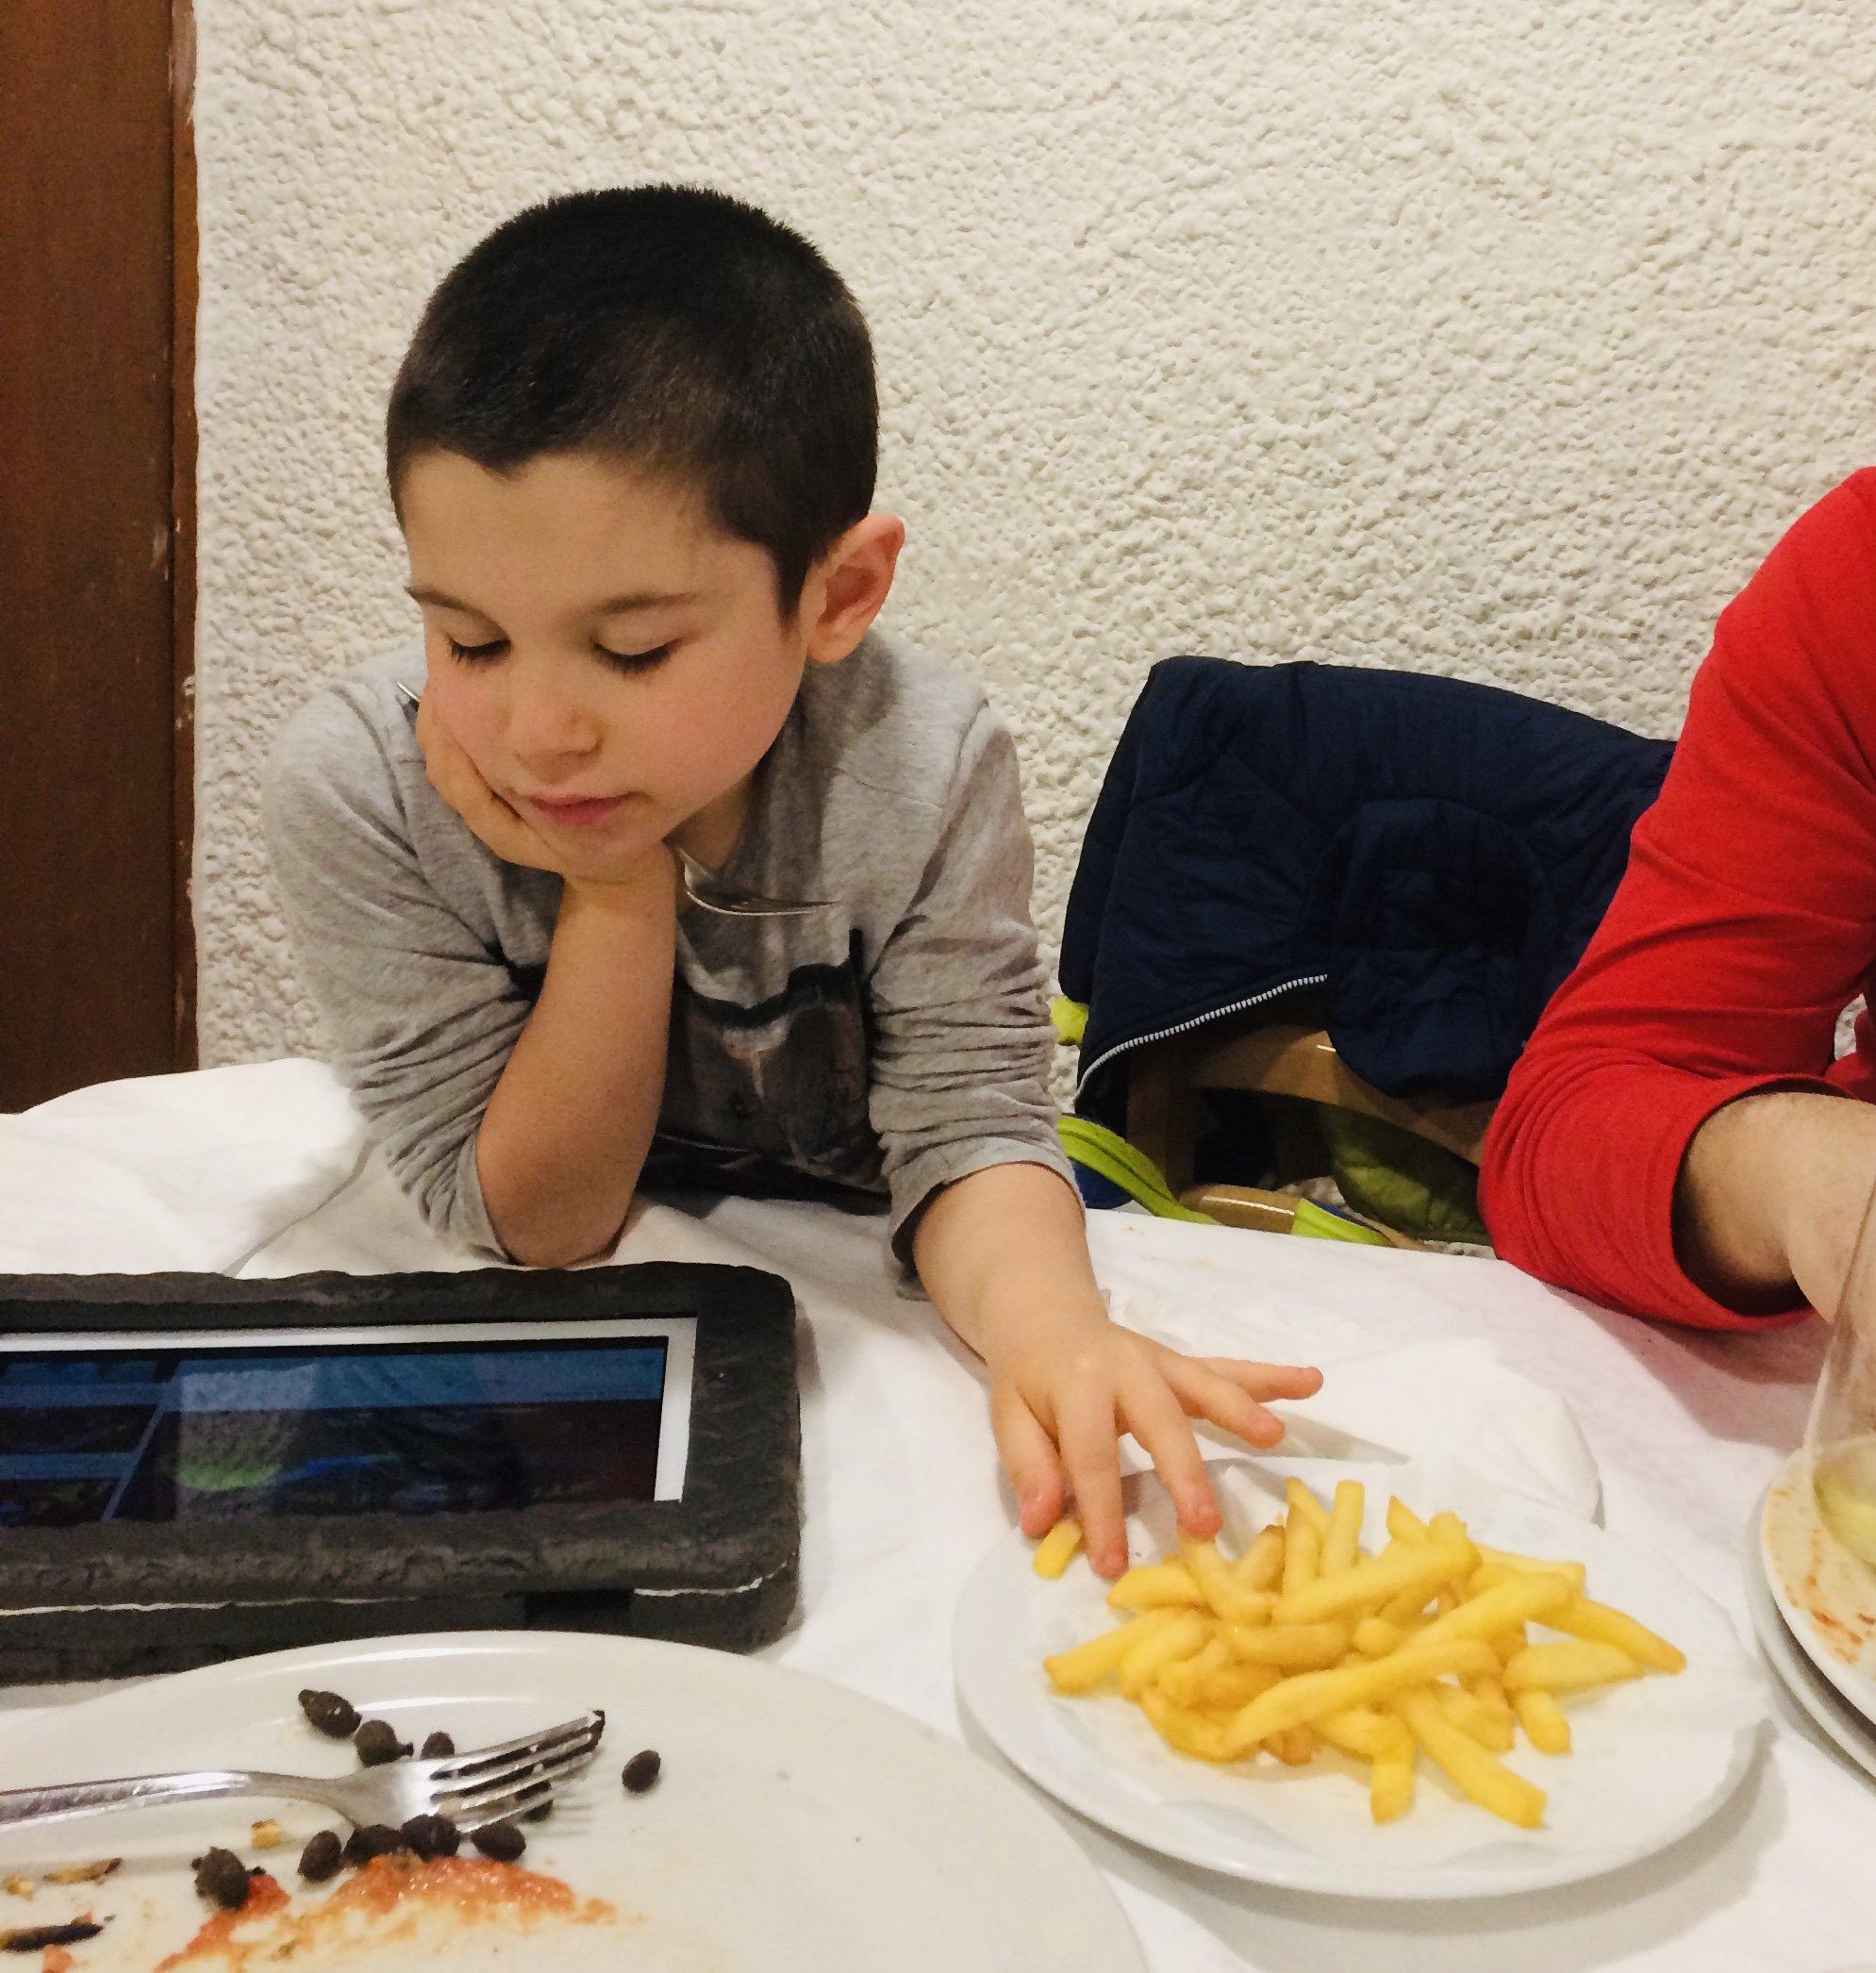 giuliano a tavola al ristorante con patatine e tablet